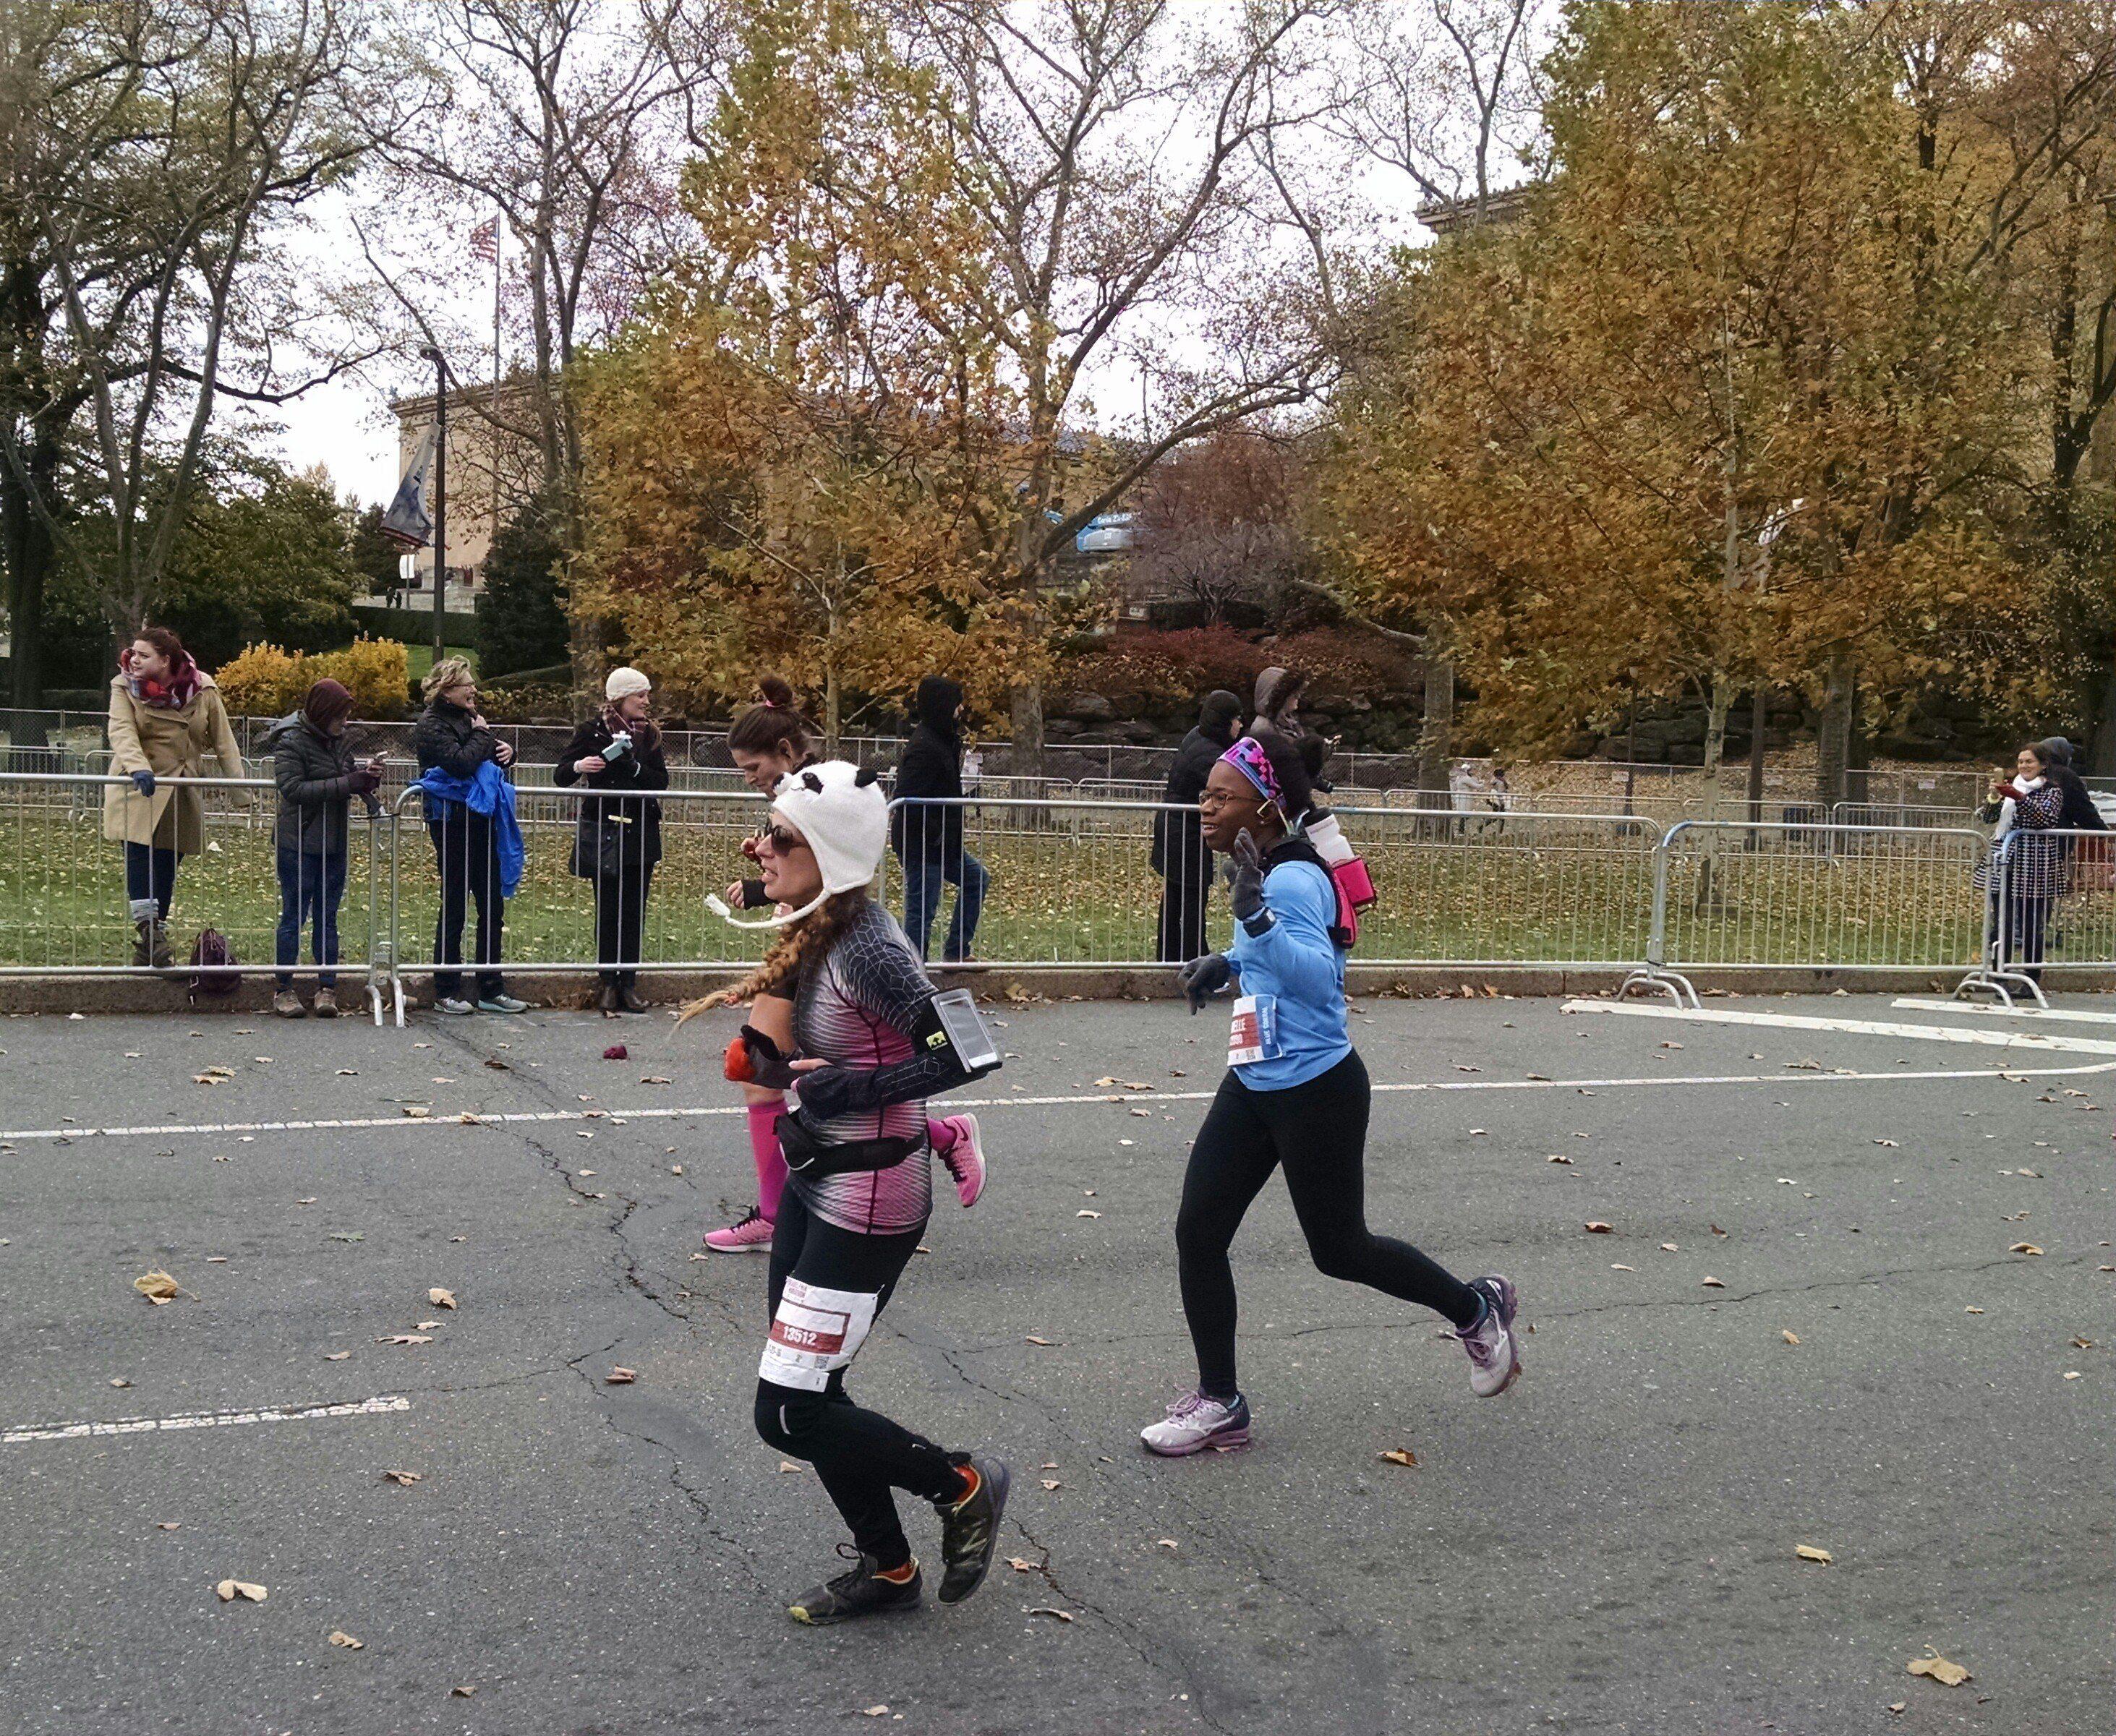 near-marathon-finish